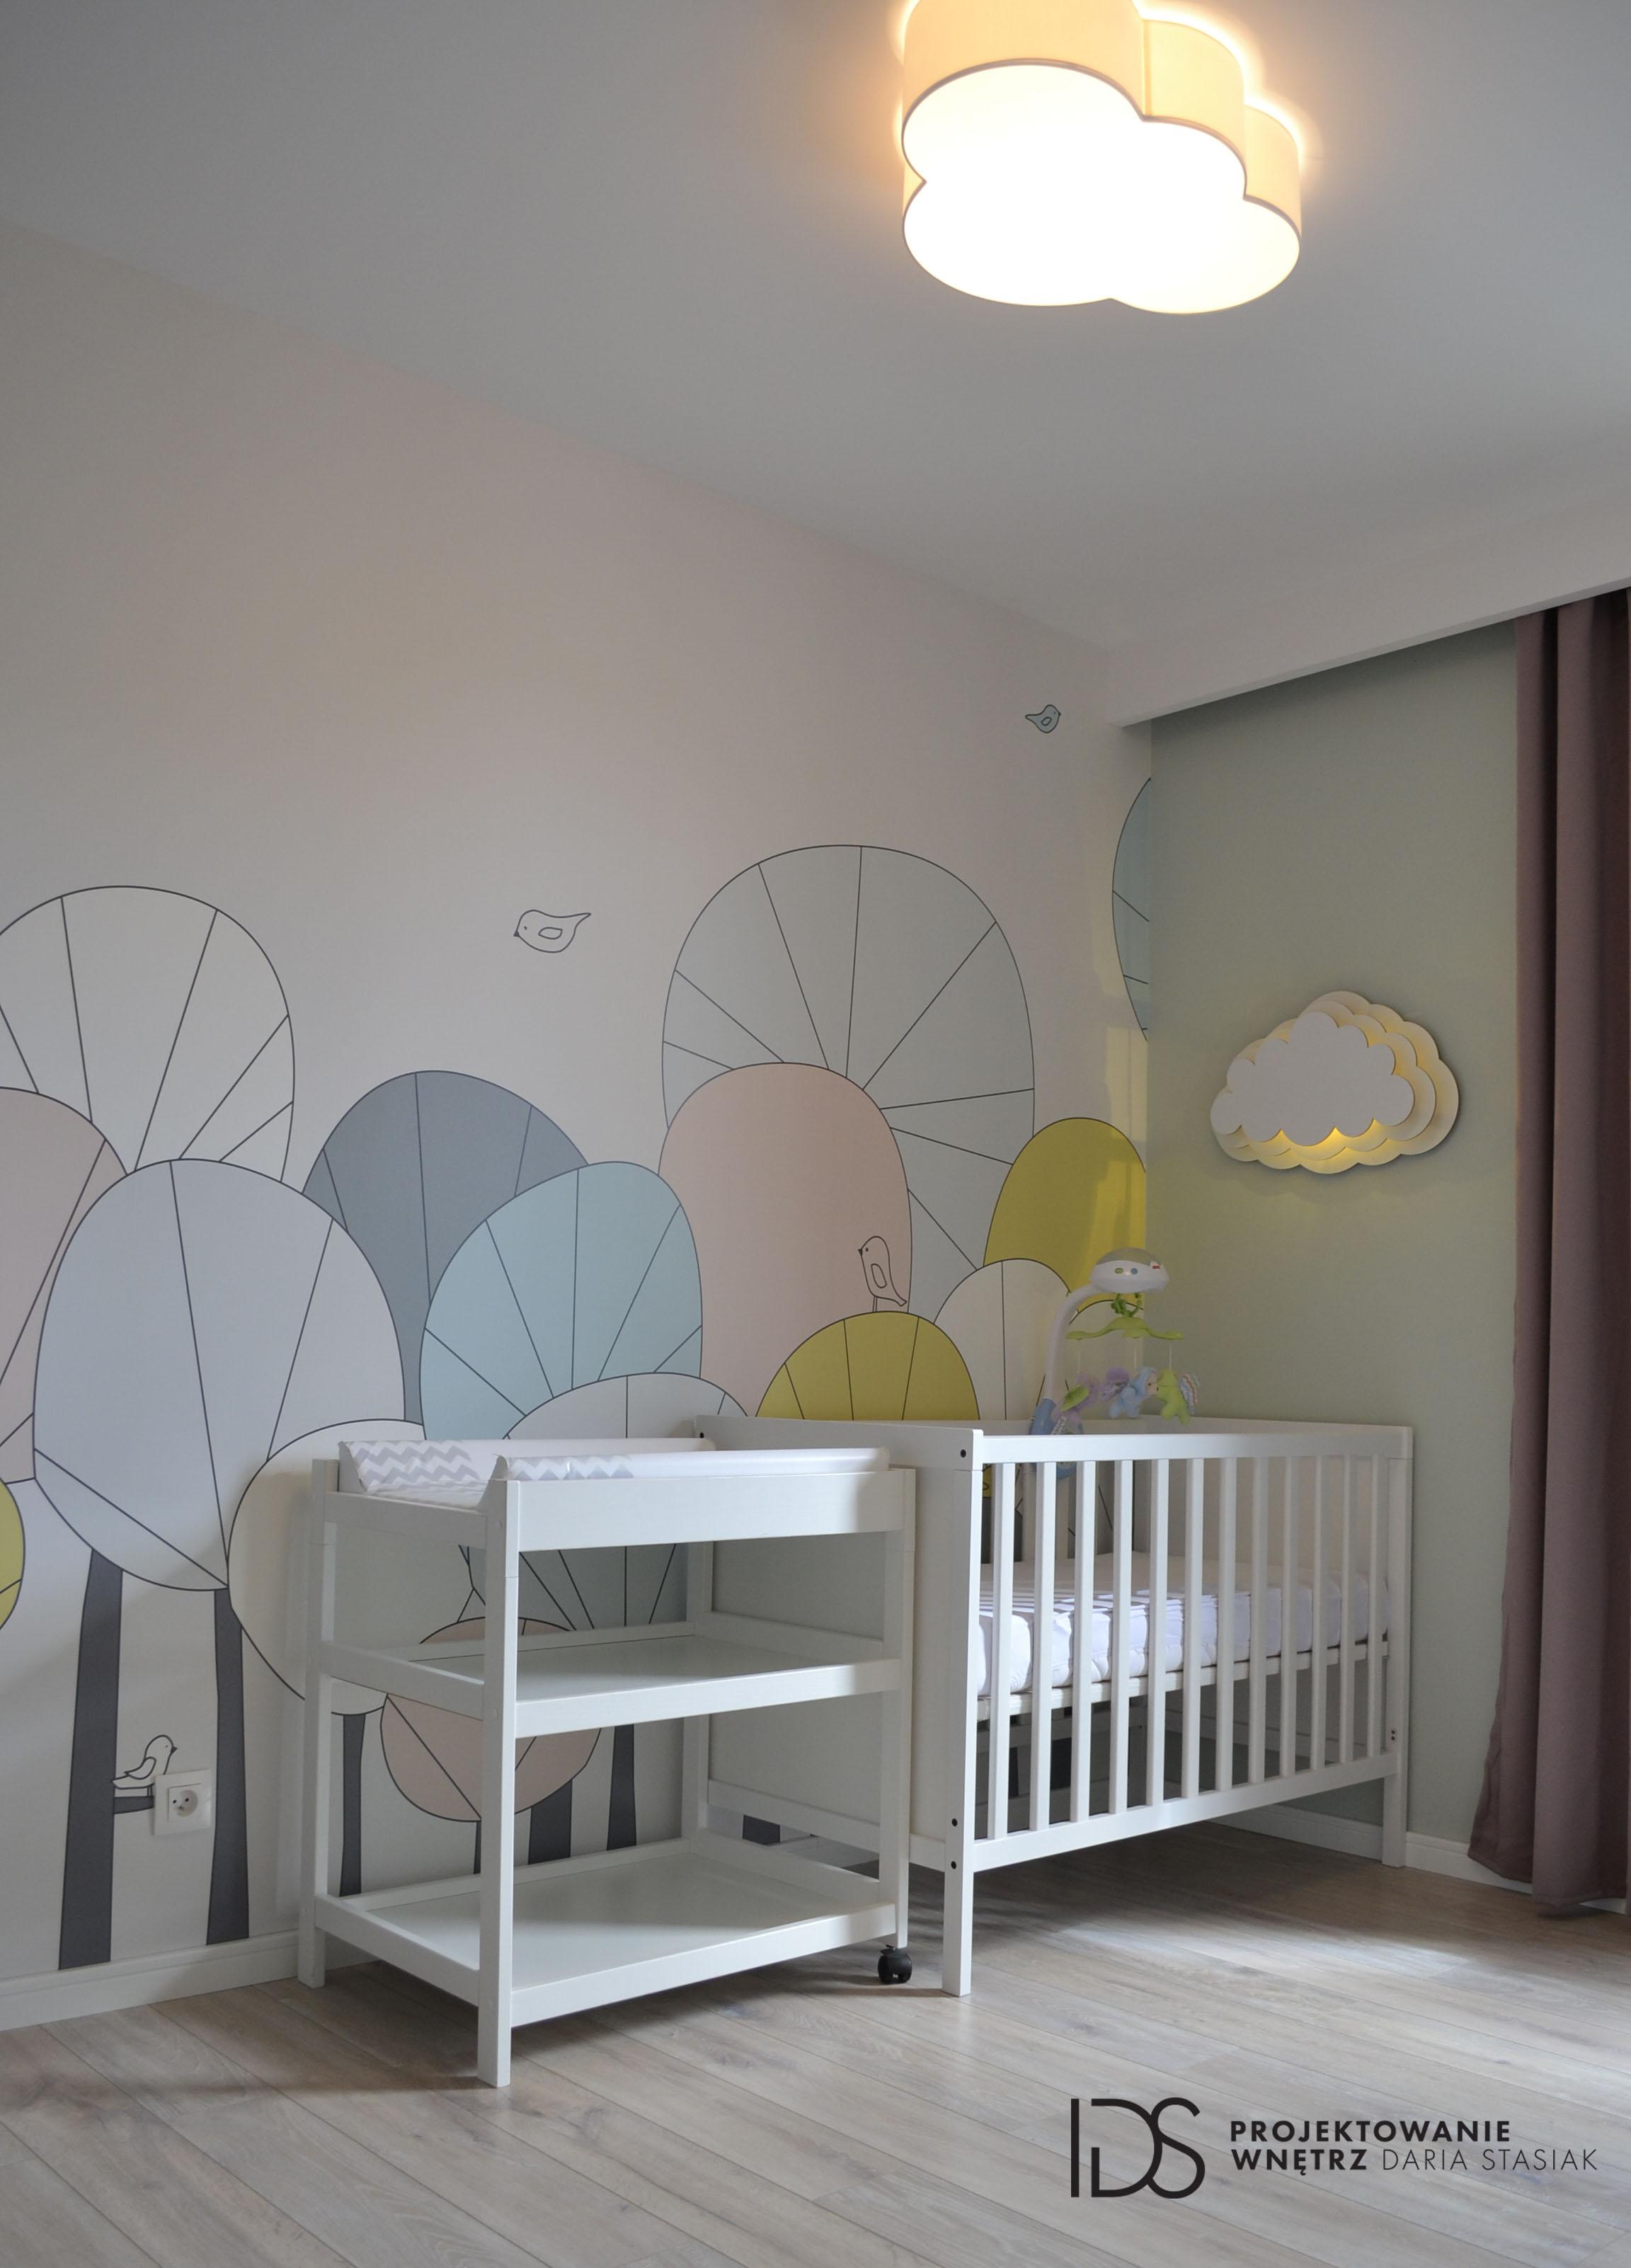 pokój niemowlaka gdynia pokój niemowlaka gdańsk pokój niemowlaka wejherowo (4)